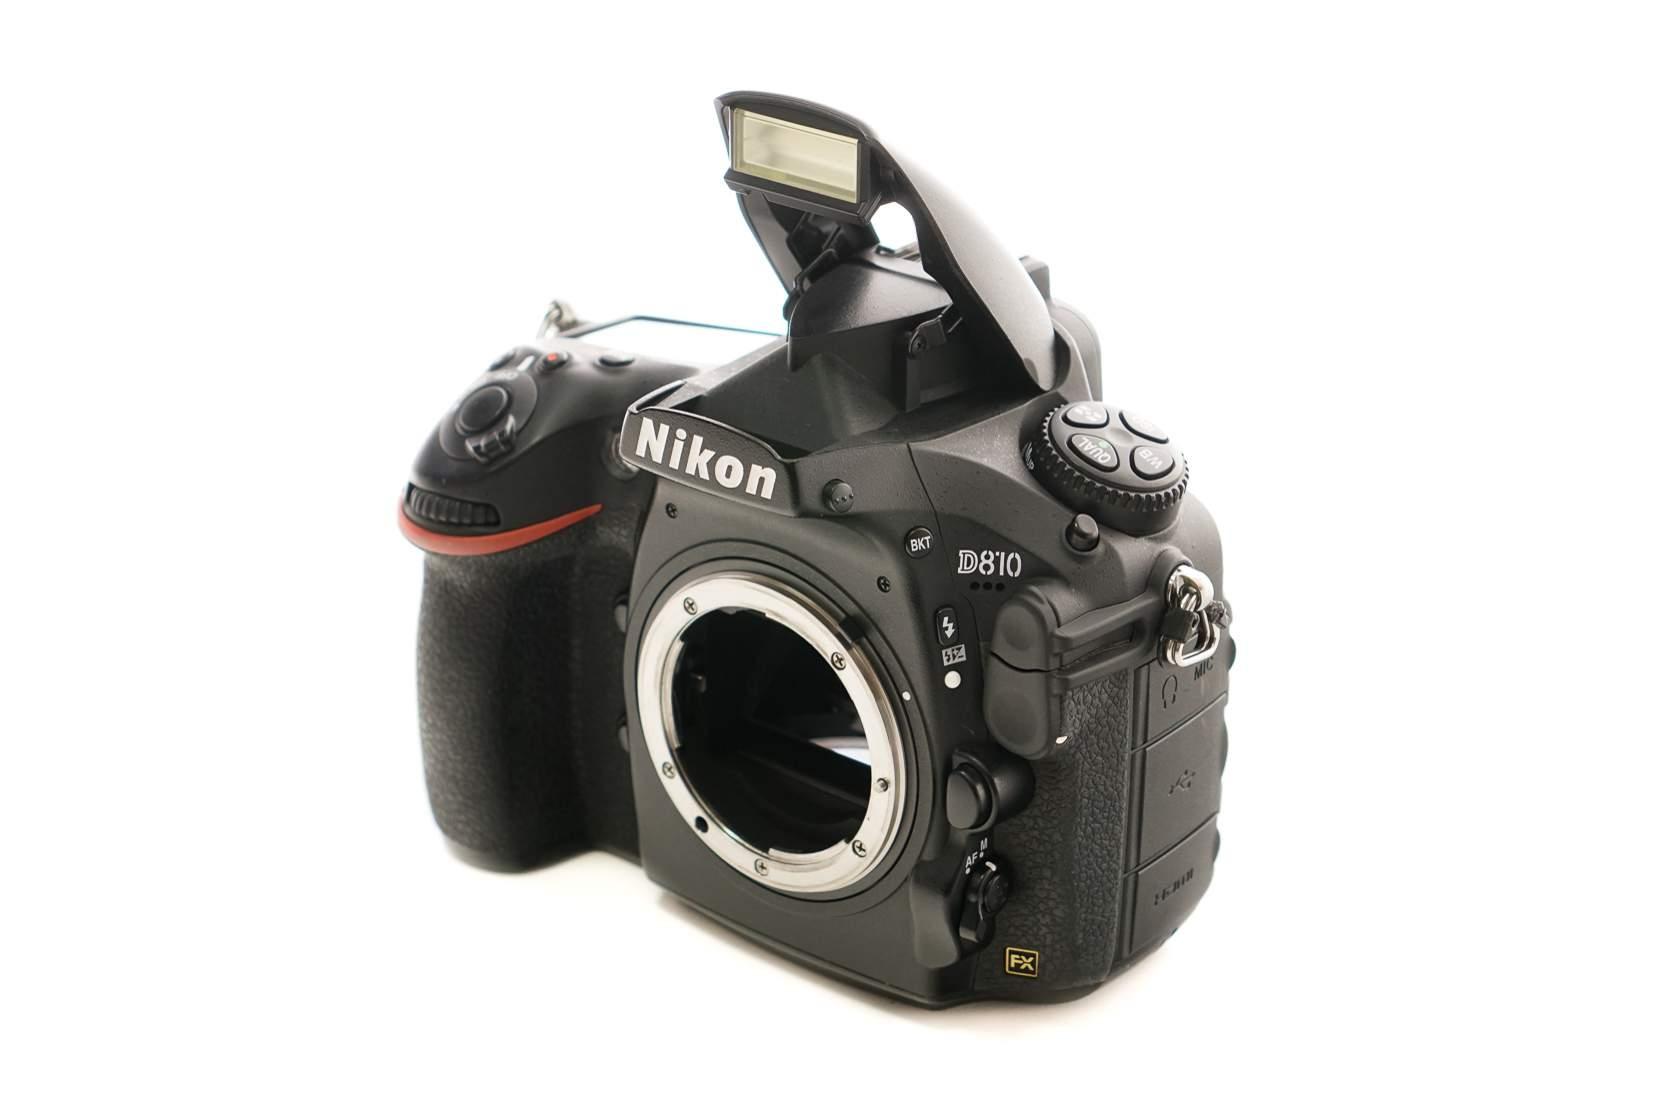 Nikon D810 - Body Only